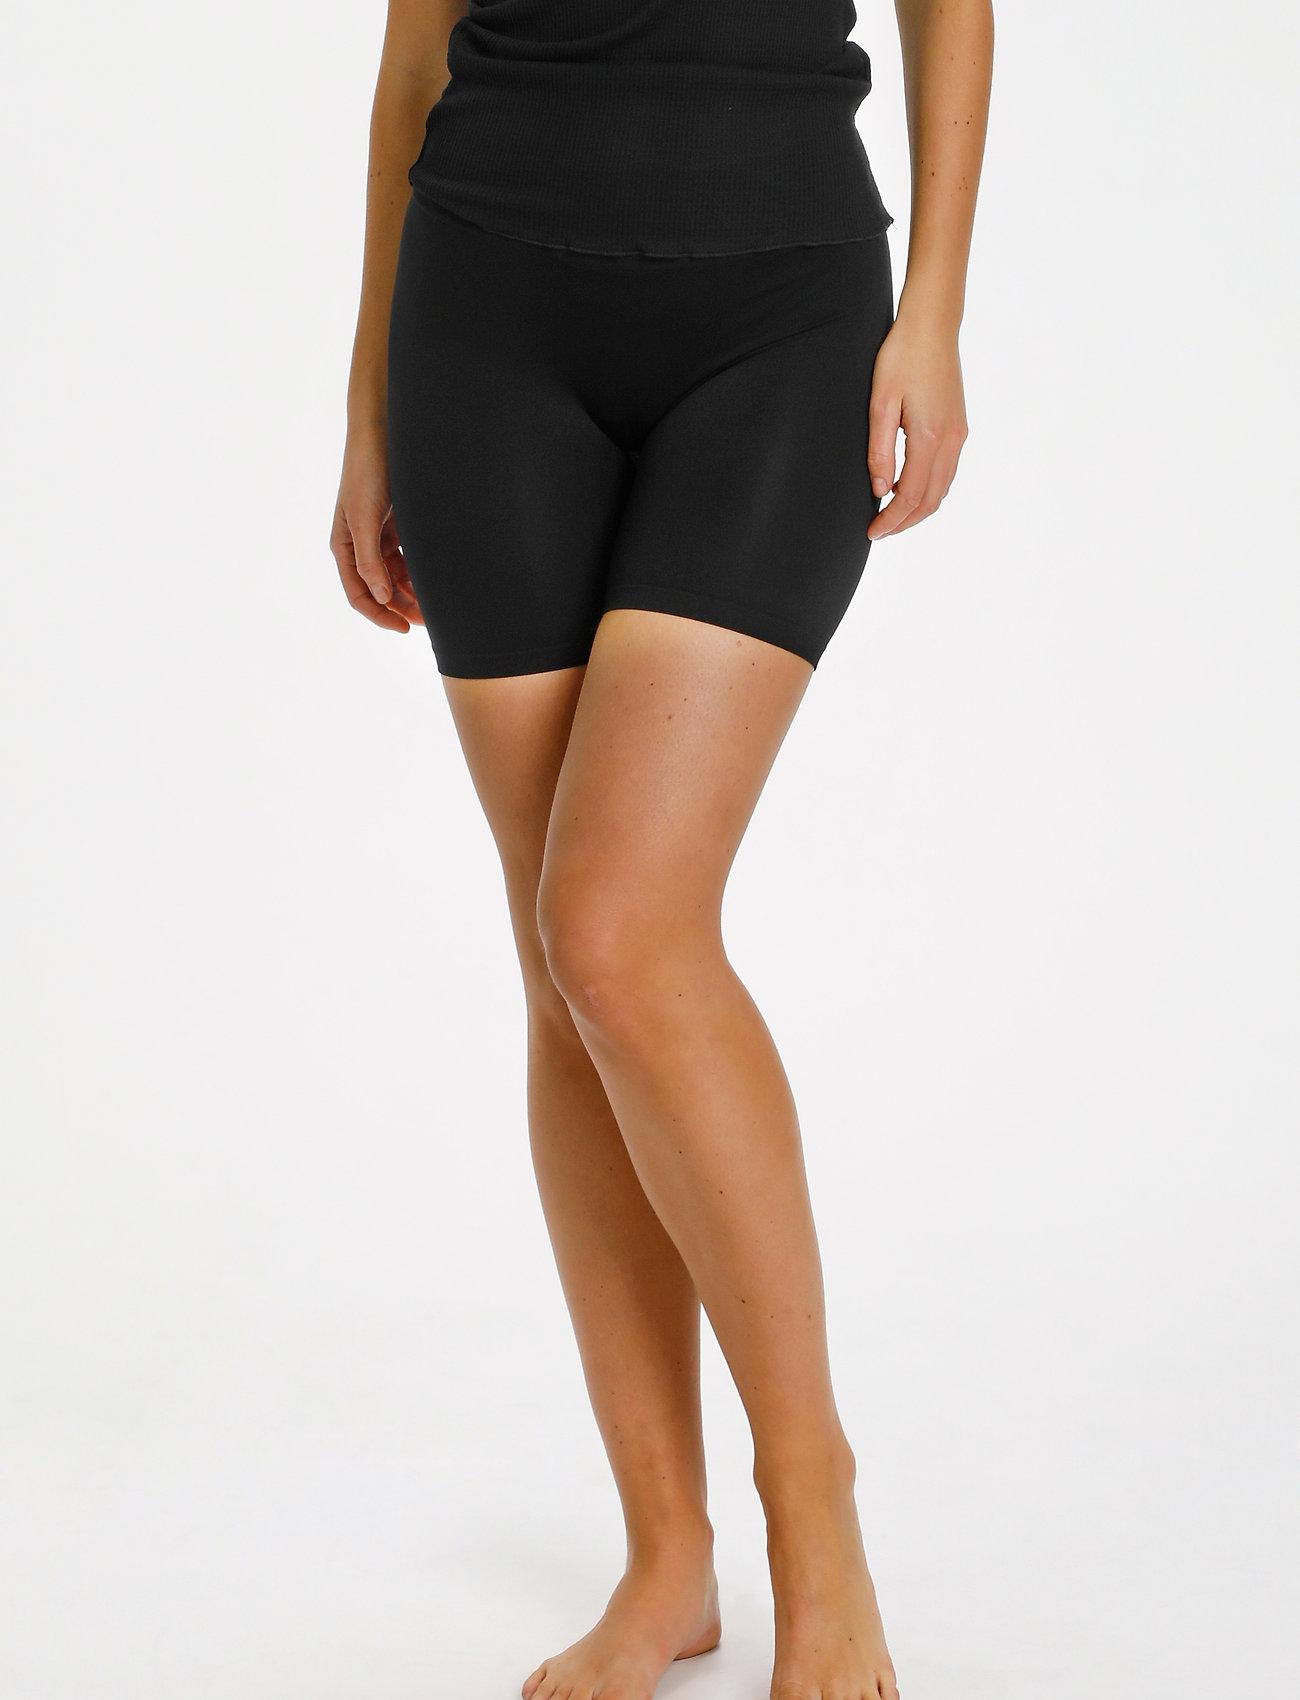 Saint Tropez - T5920, NinnaSZ Microfiber Shorts - cykelshorts - black - 0